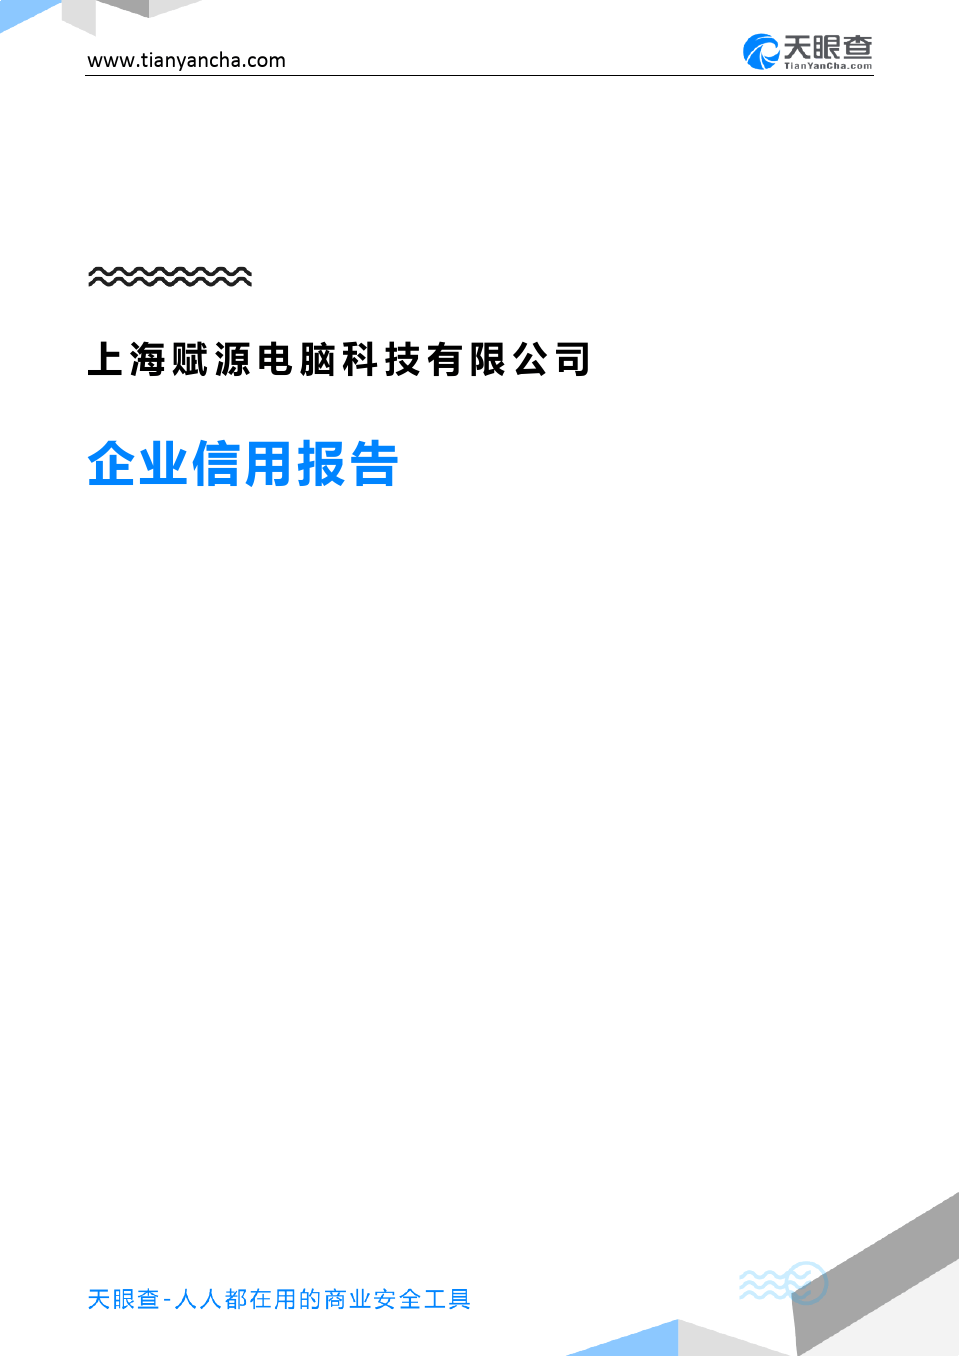 上海赋源电脑科技有限公司(企业信用报告)- 天眼查